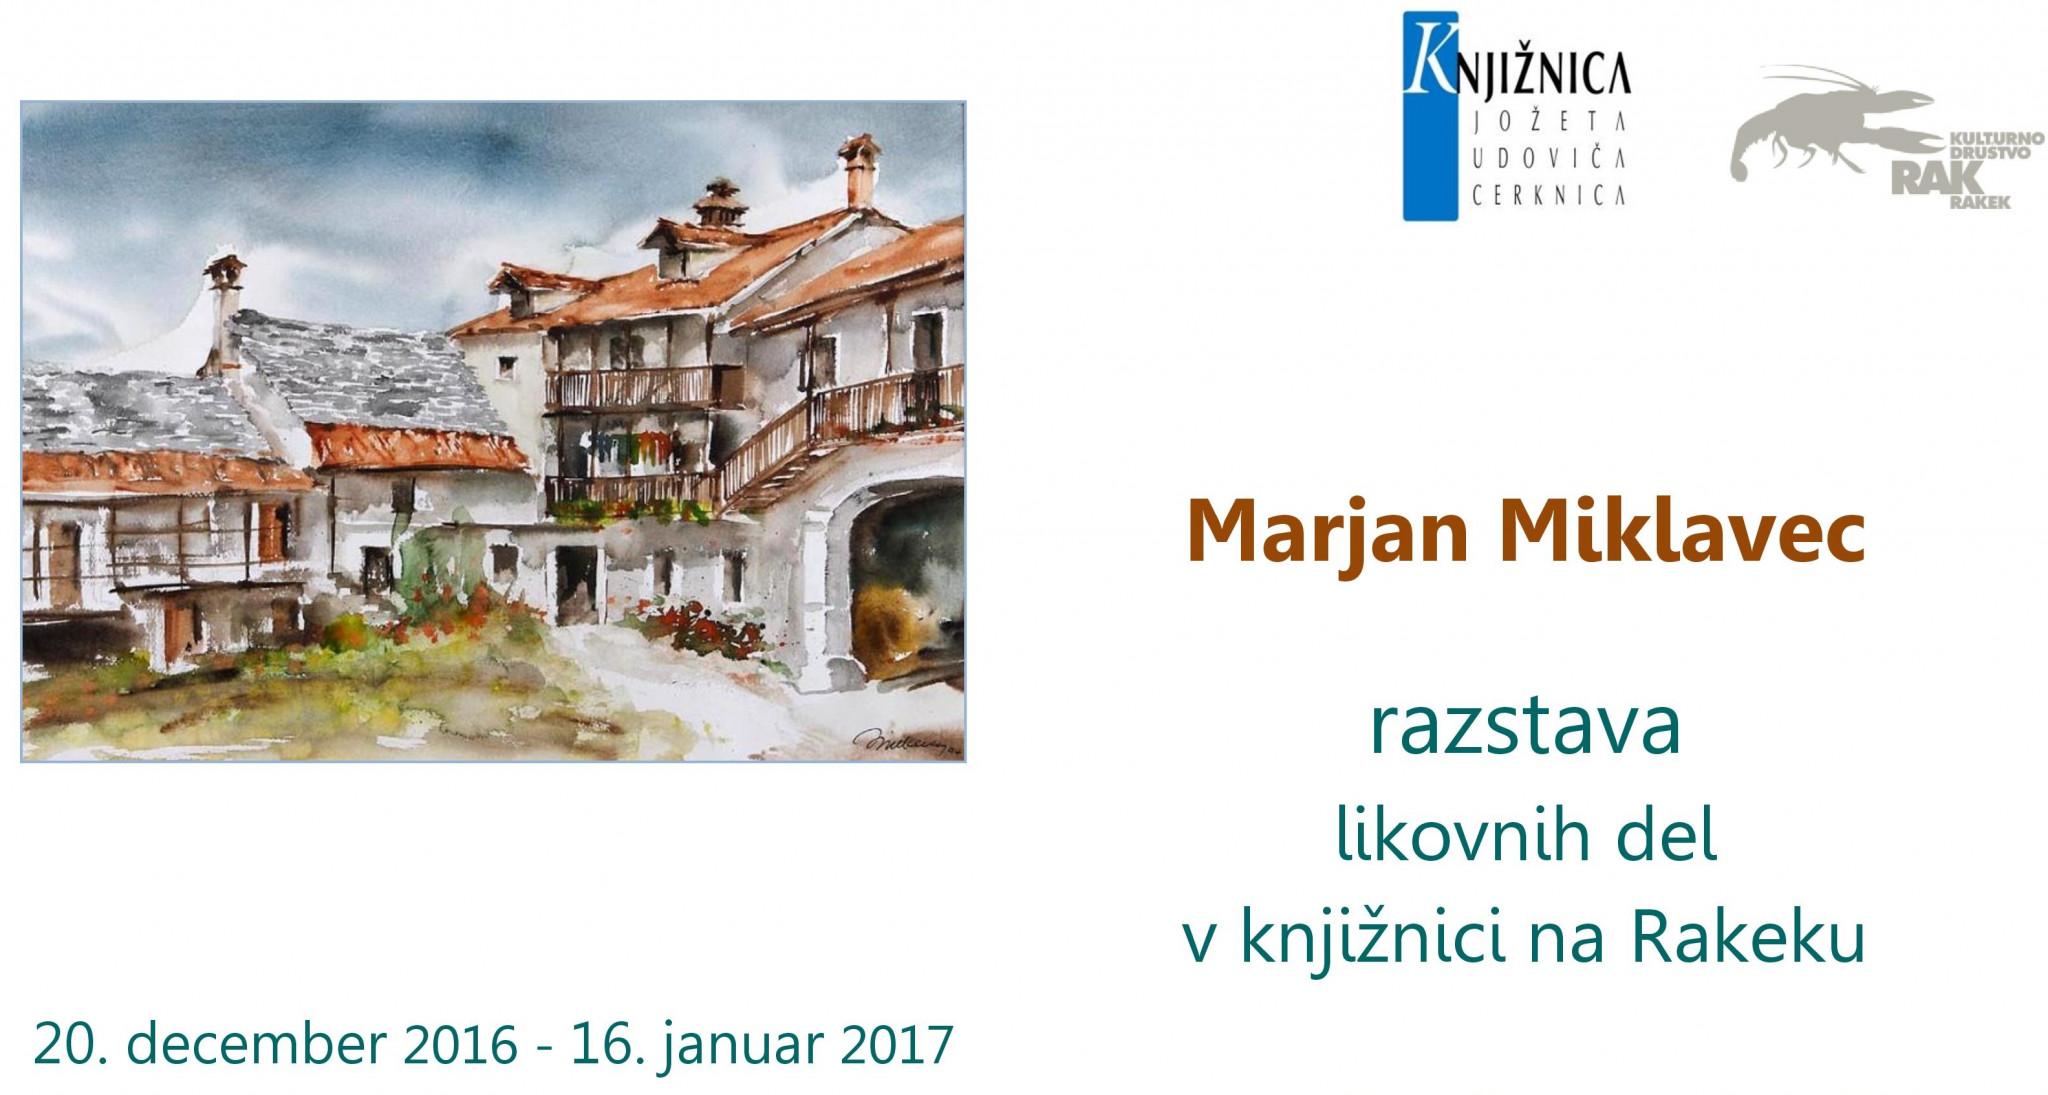 cover 2 - Marjan Miklavec: razstava likovnih del